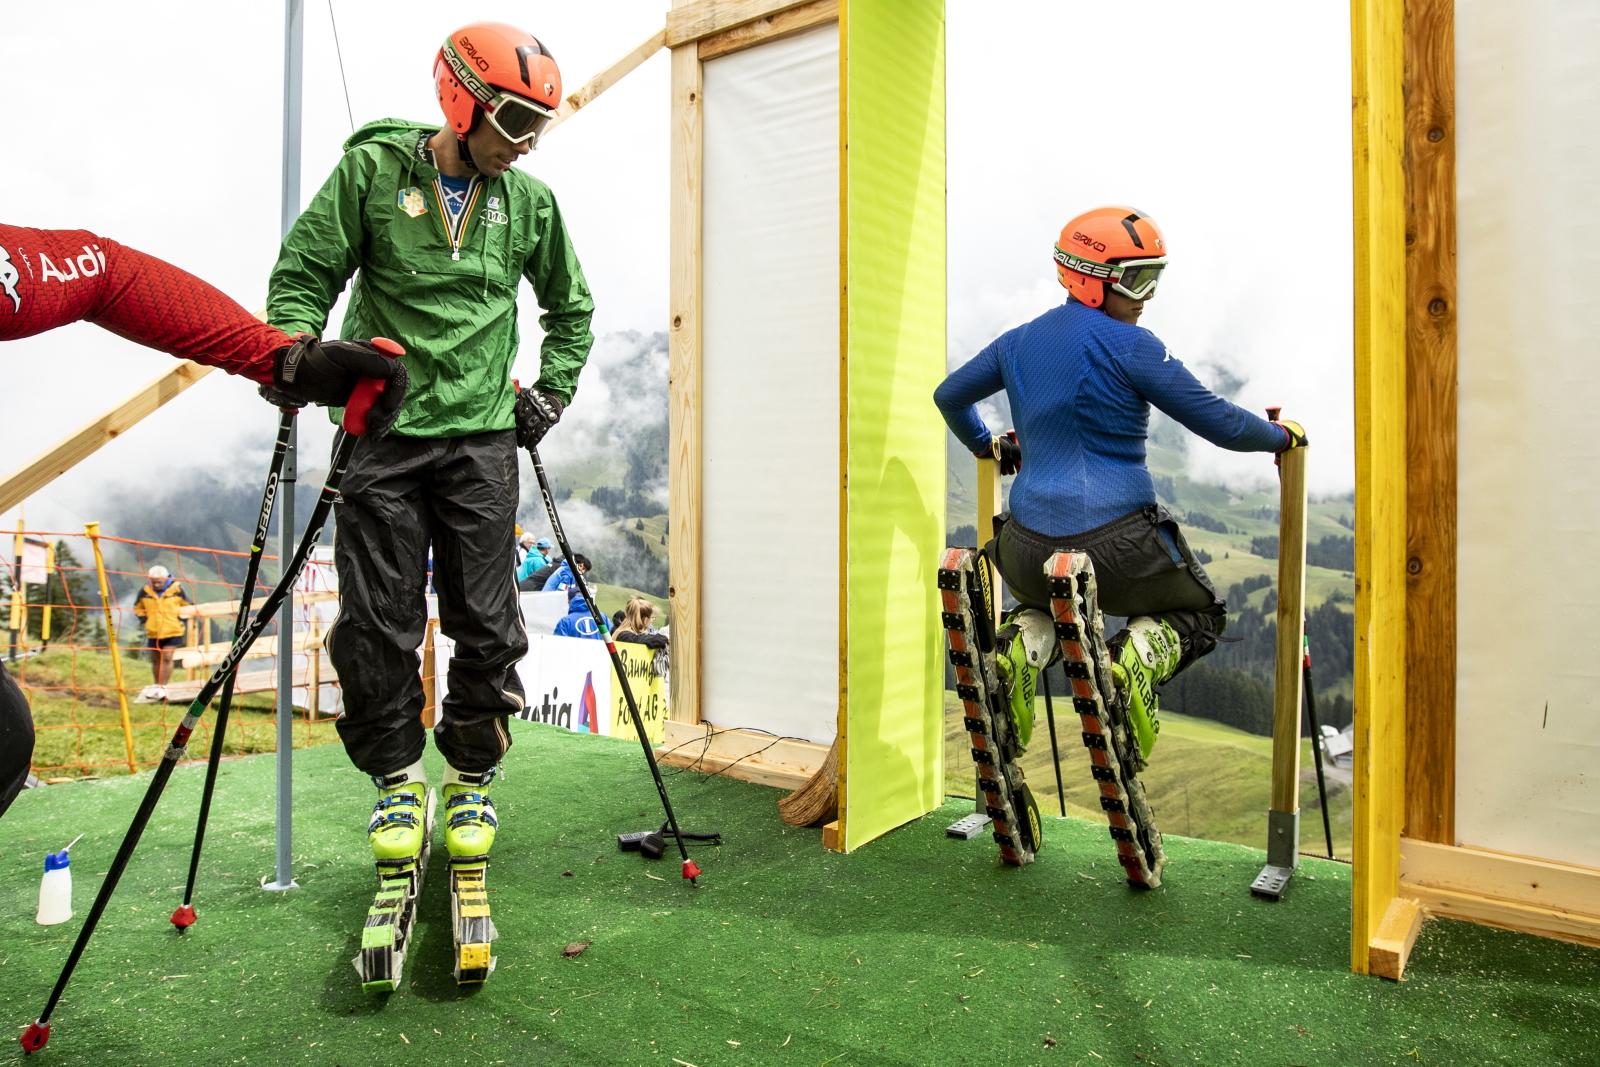 Szwajcaria. Narty na... trawie. fot. EPA/ALEXANDRA WEY